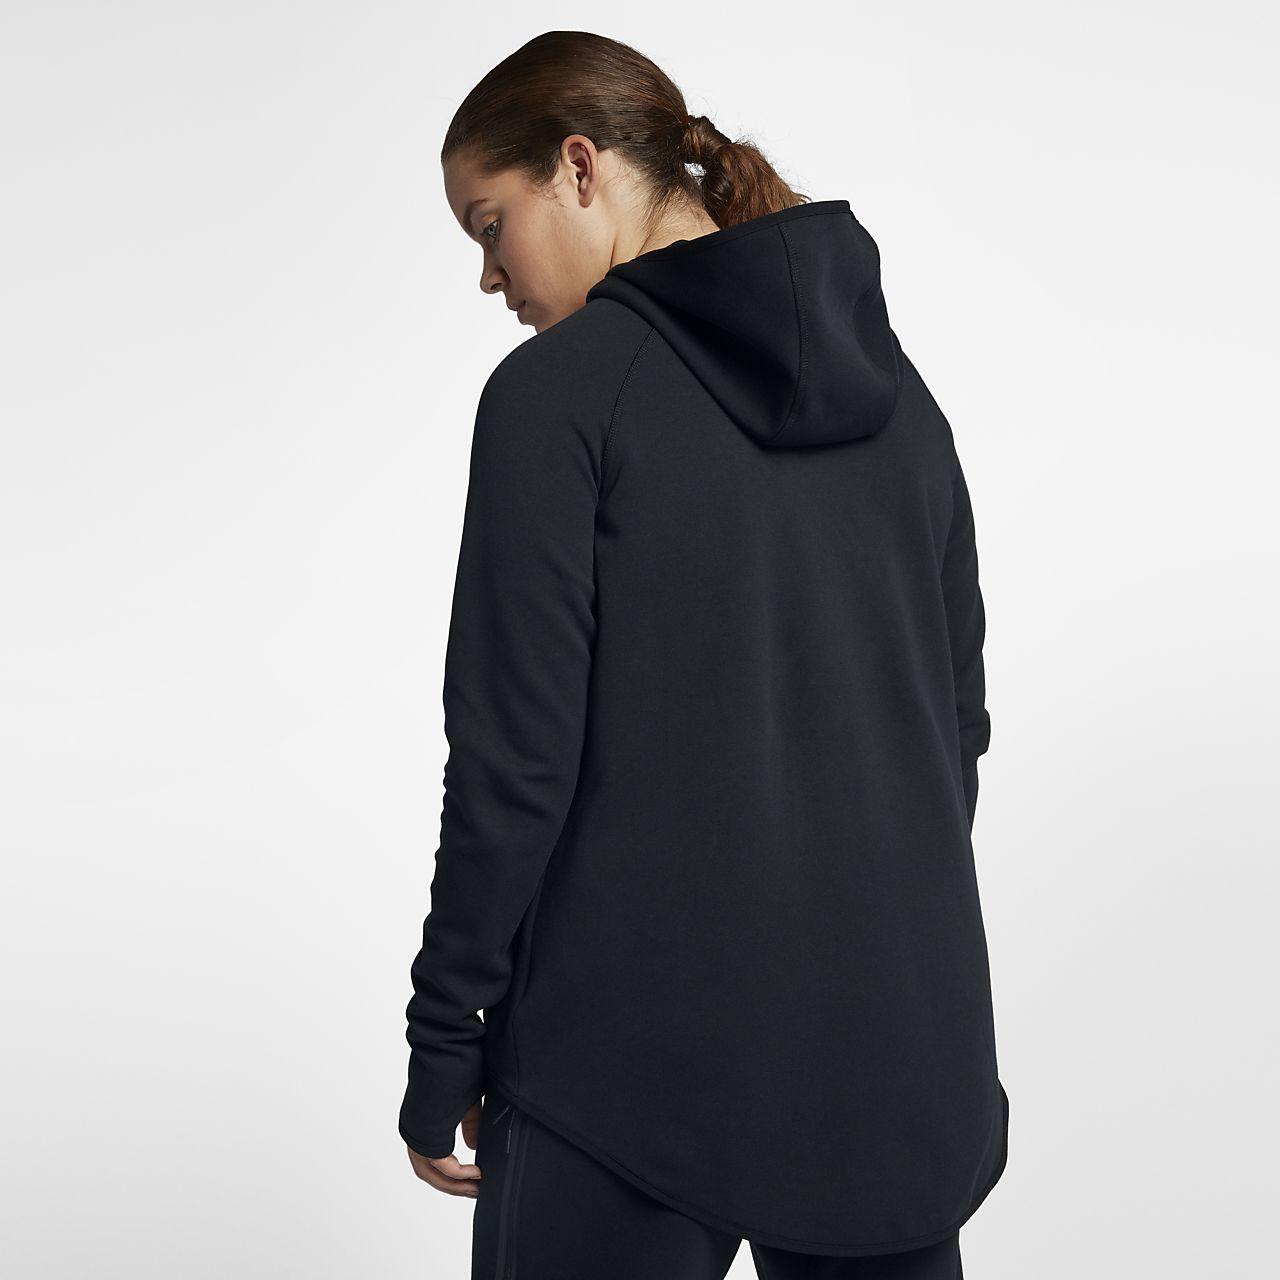 ... Nike Sportswear Tech Fleece (Plus Size) Women's Full-Zip Cape